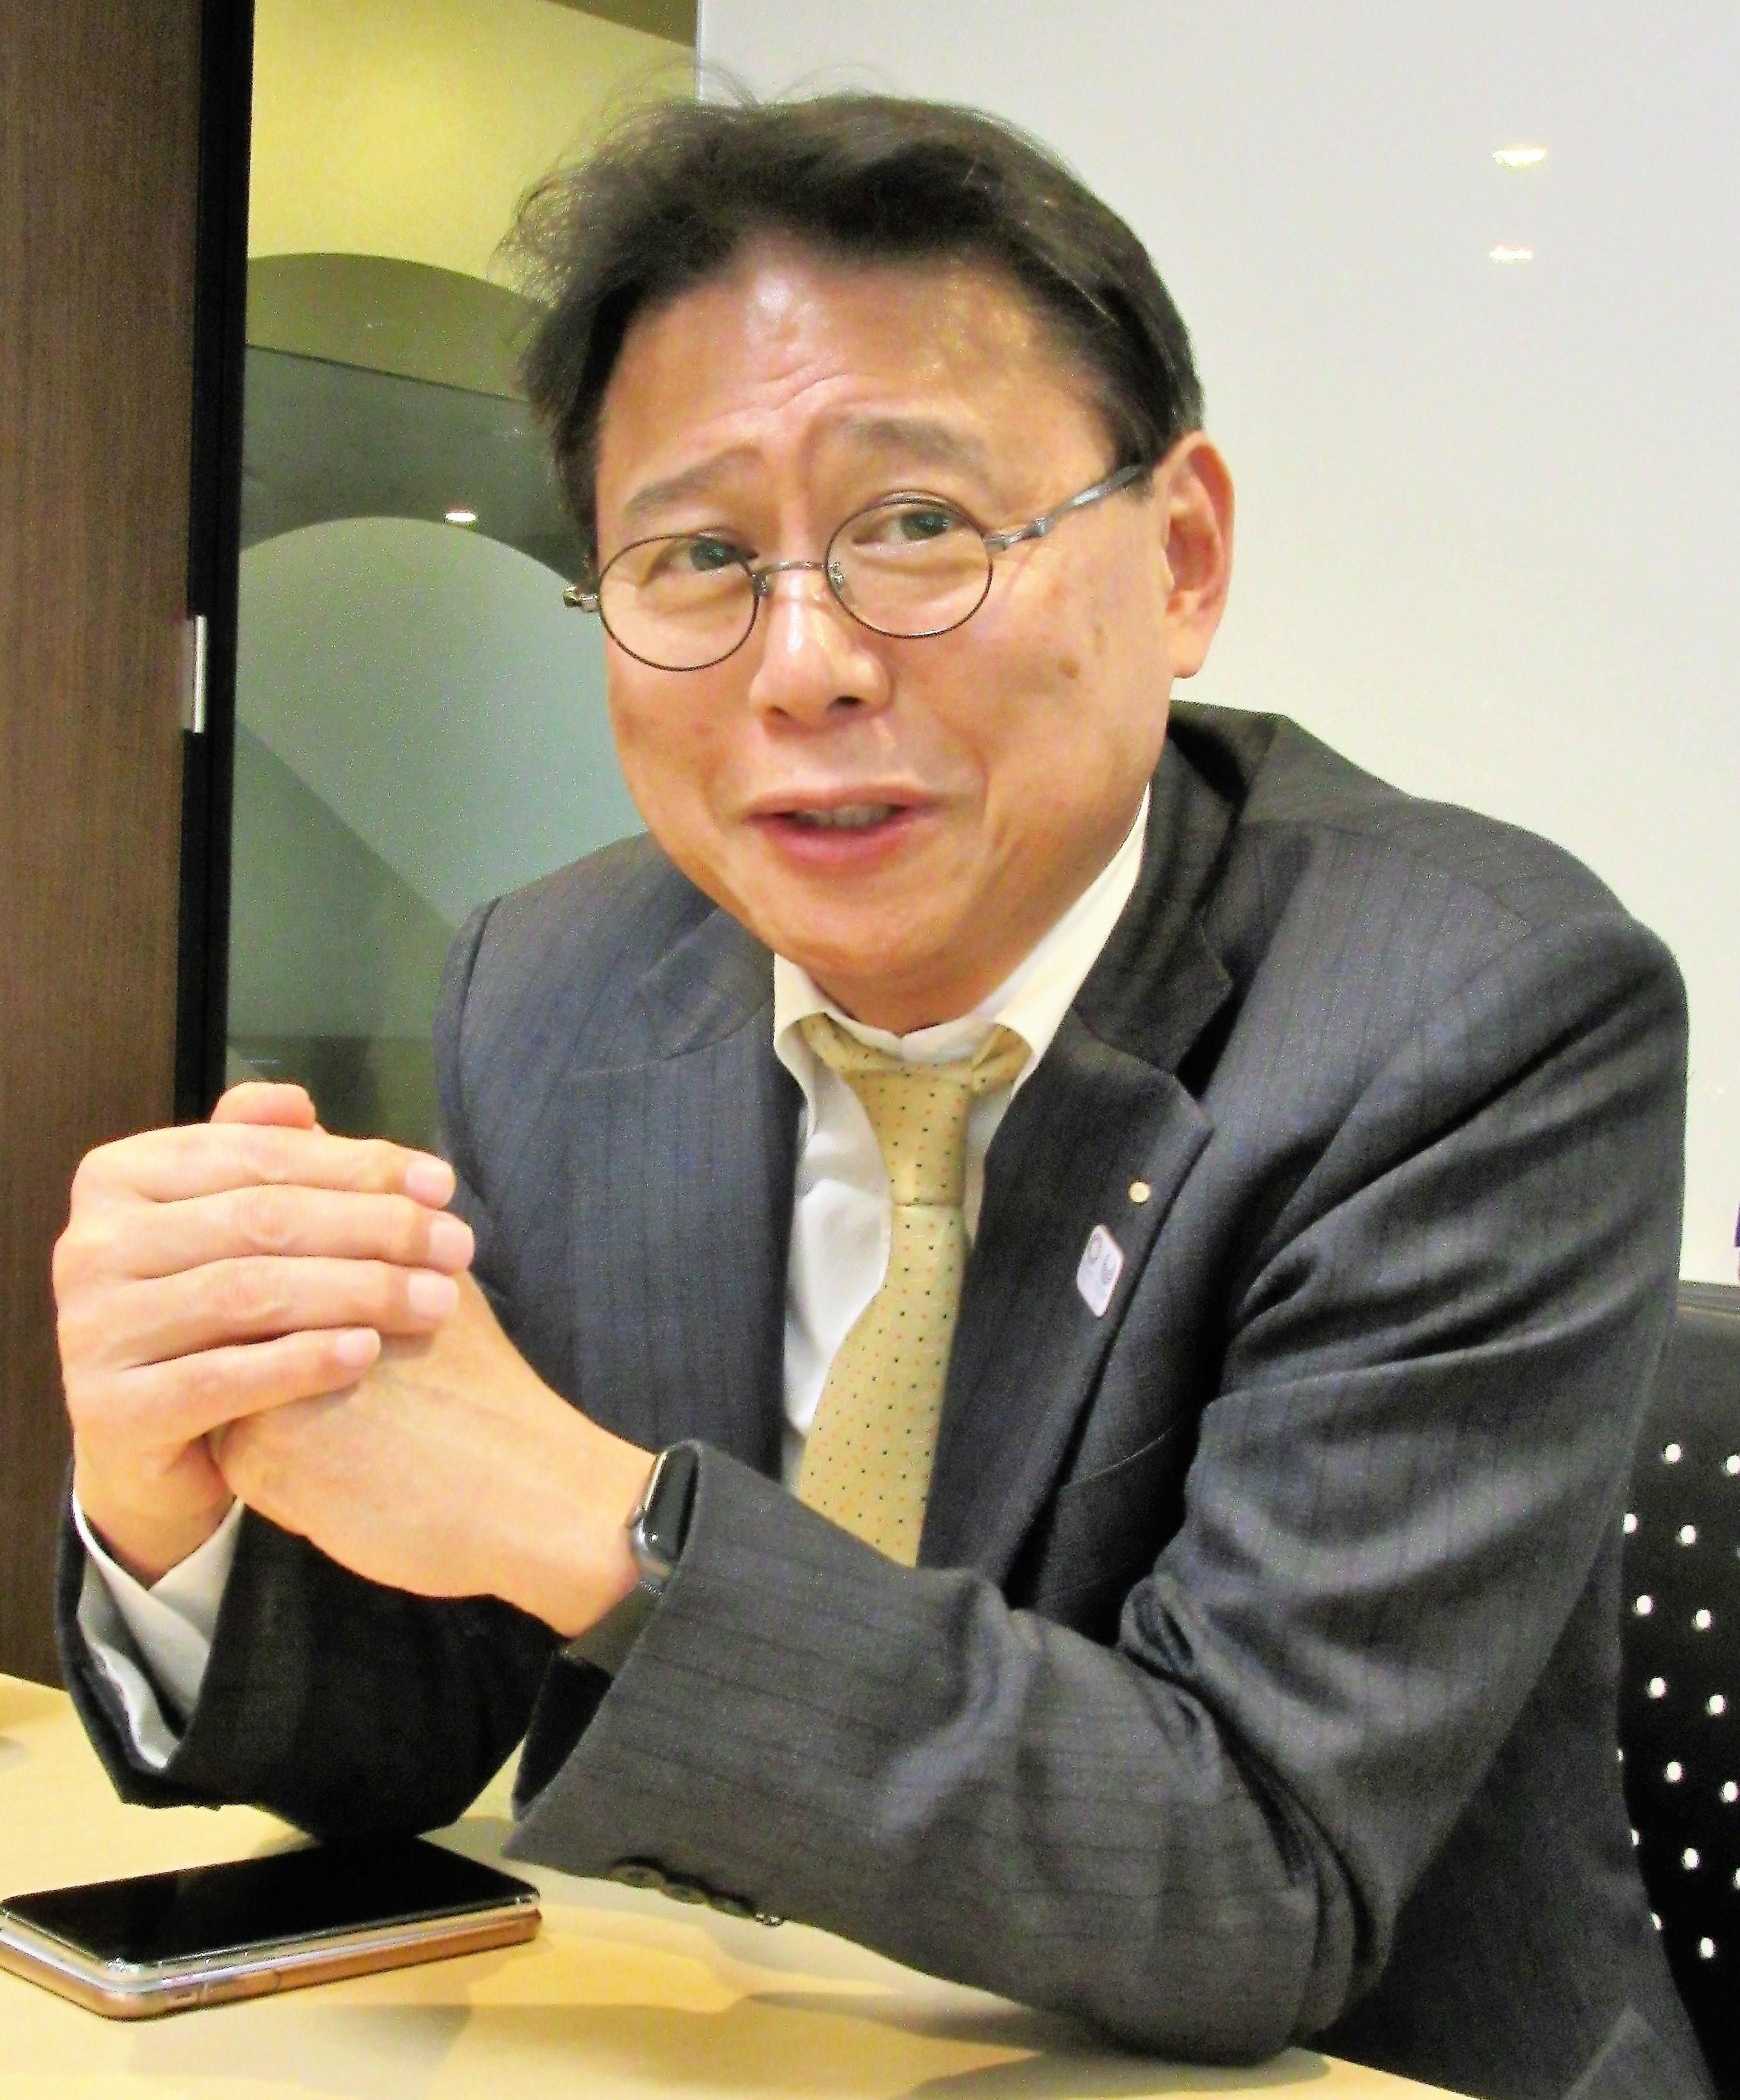 日本物流研究会(NBK)「令和と共に加速する物流不動産ビジネス」